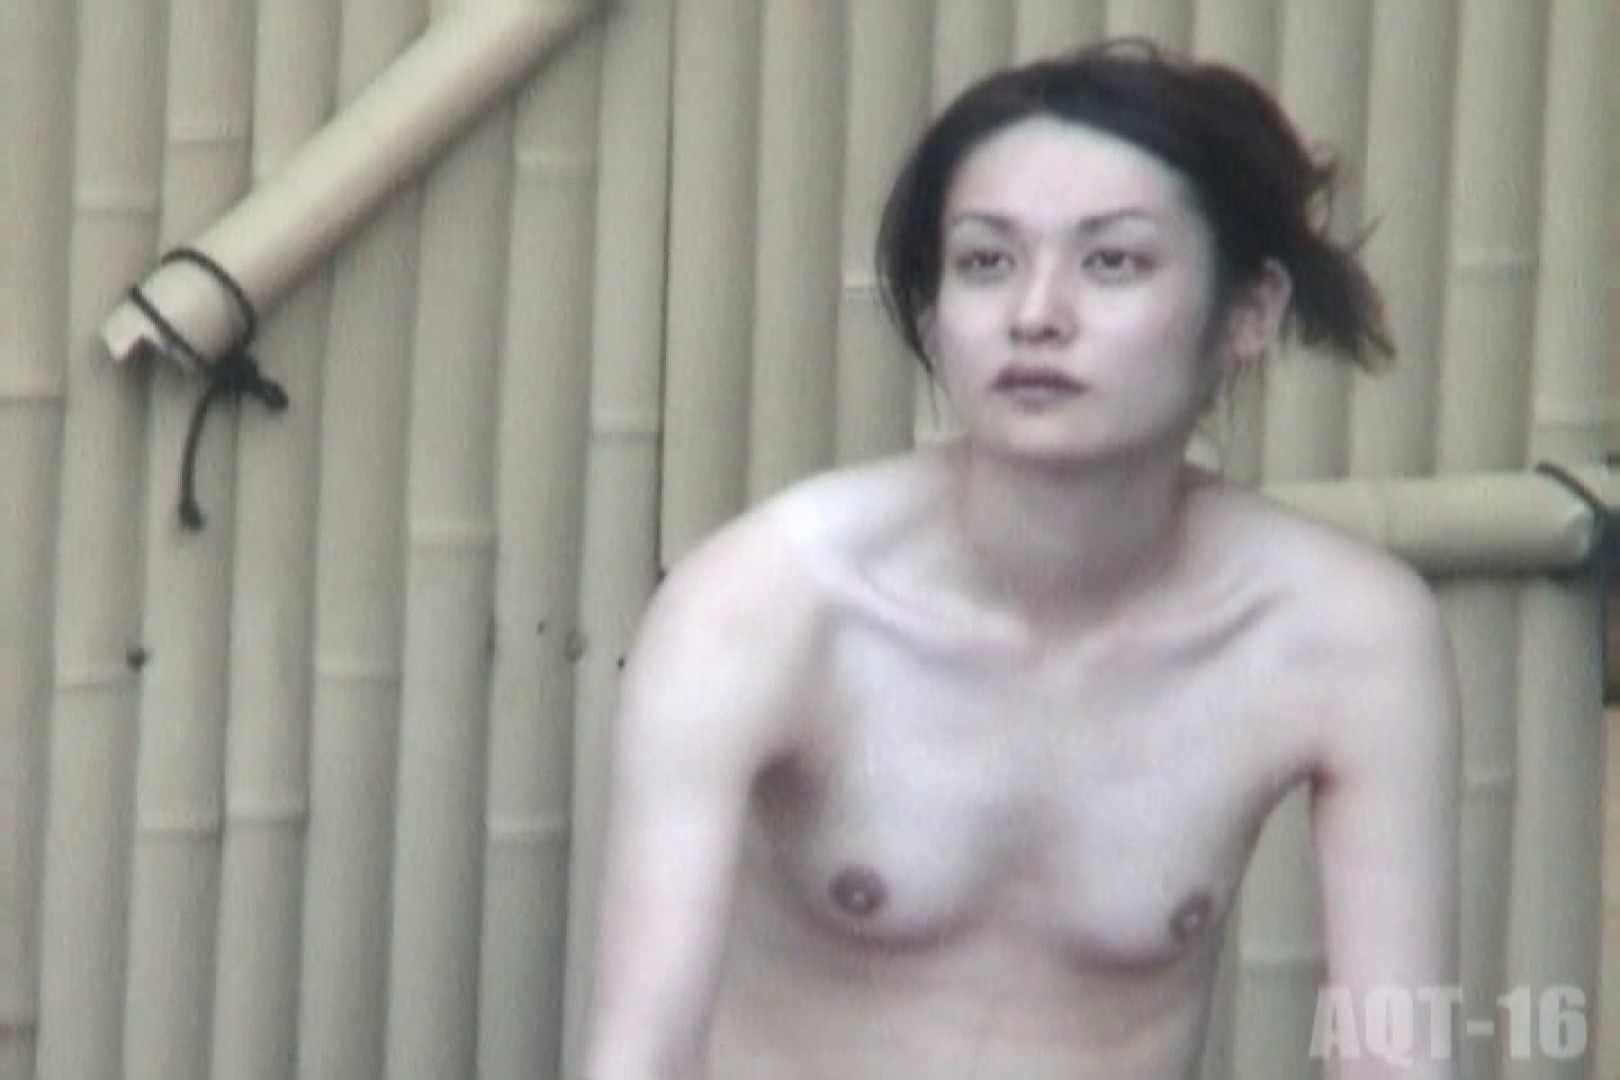 Aquaな露天風呂Vol.839 盗撮師作品 | 美しいOLの裸体  96pic 37